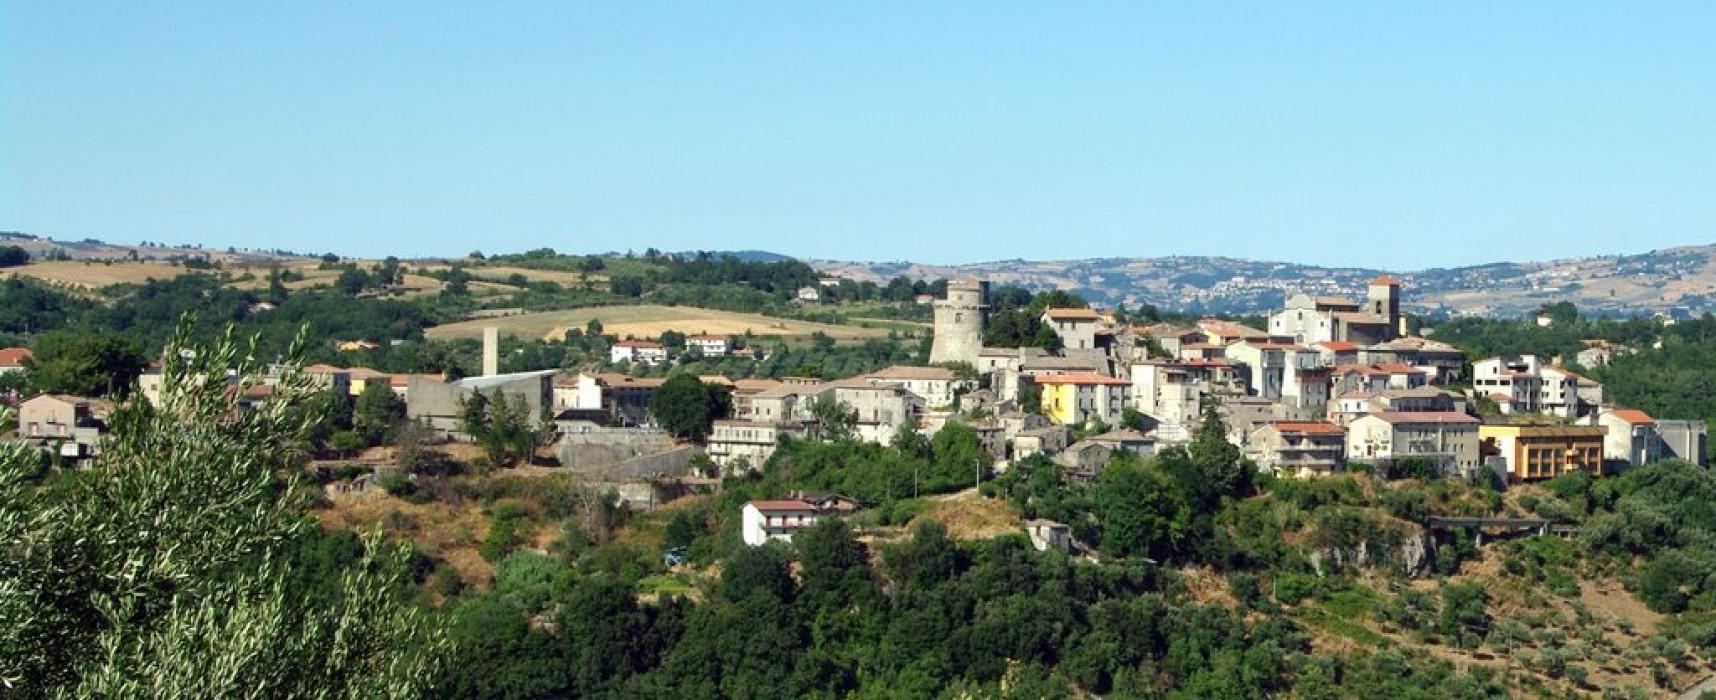 A Benevento Città Spettacolo, miti, eroi e gente comune